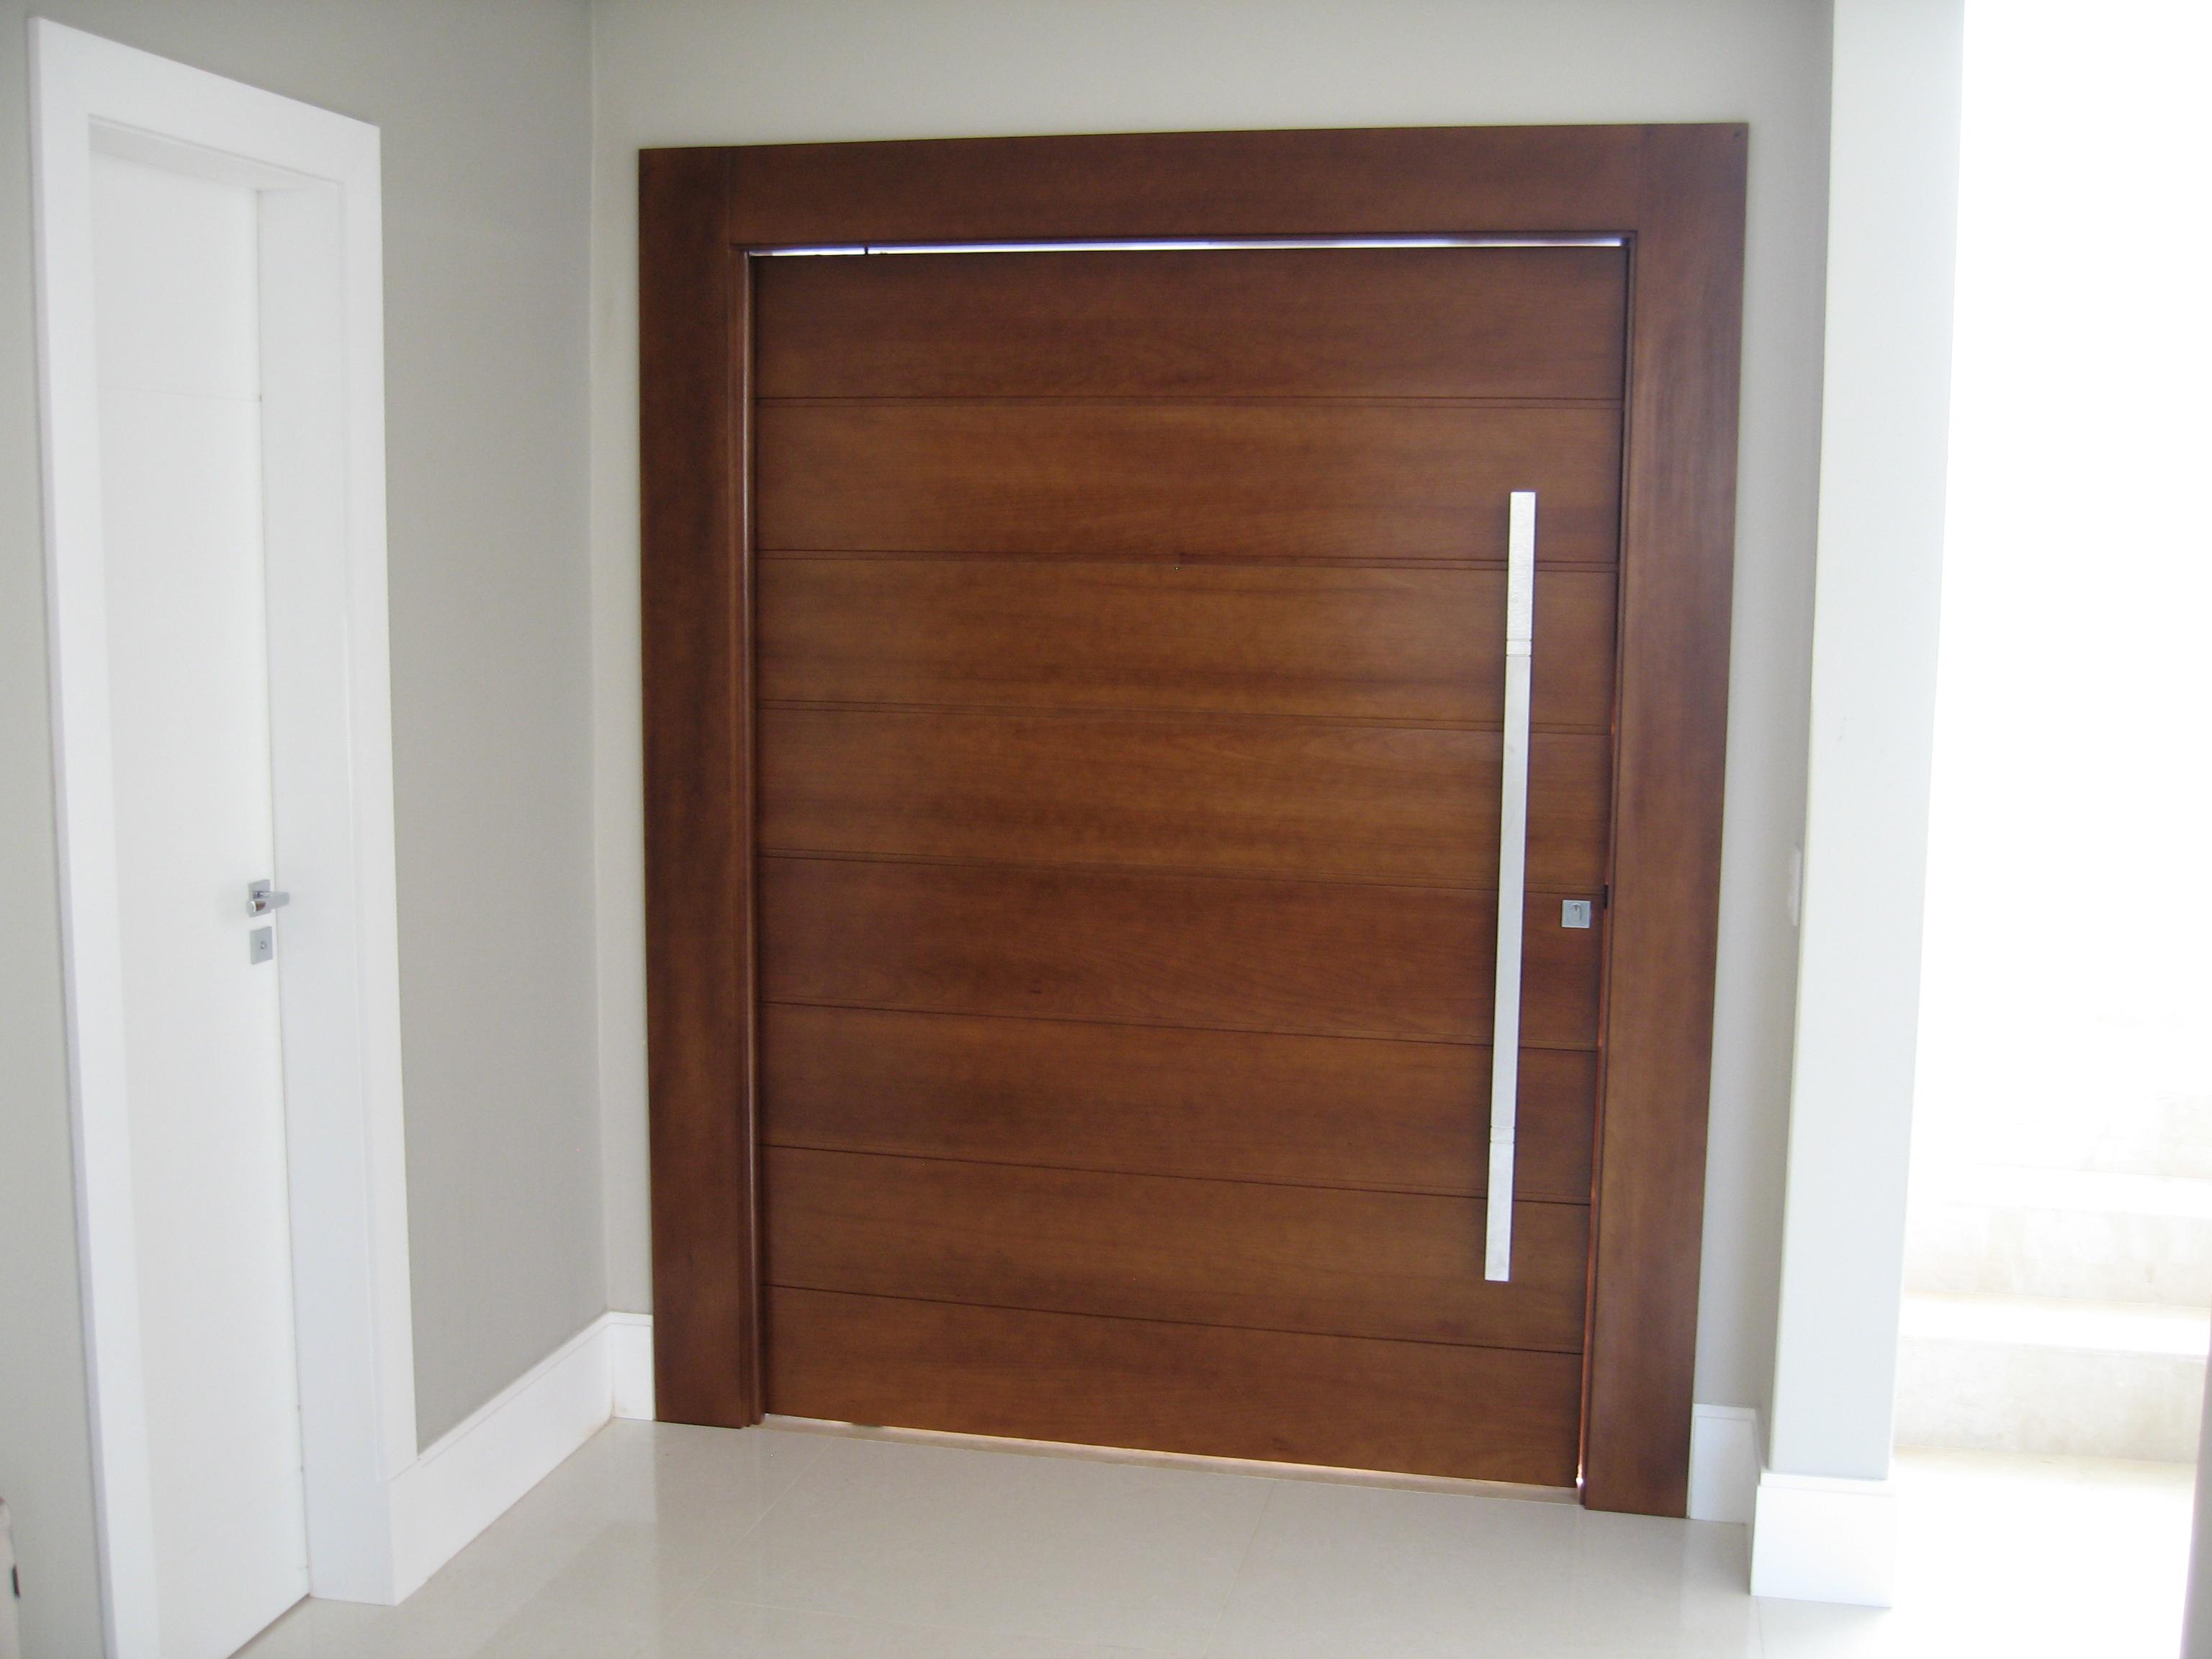 #673C2A Porta Acústica de Madeira Maciça Reforma Fácil 1204 Portas E Janelas De Madeira Em Valinhos